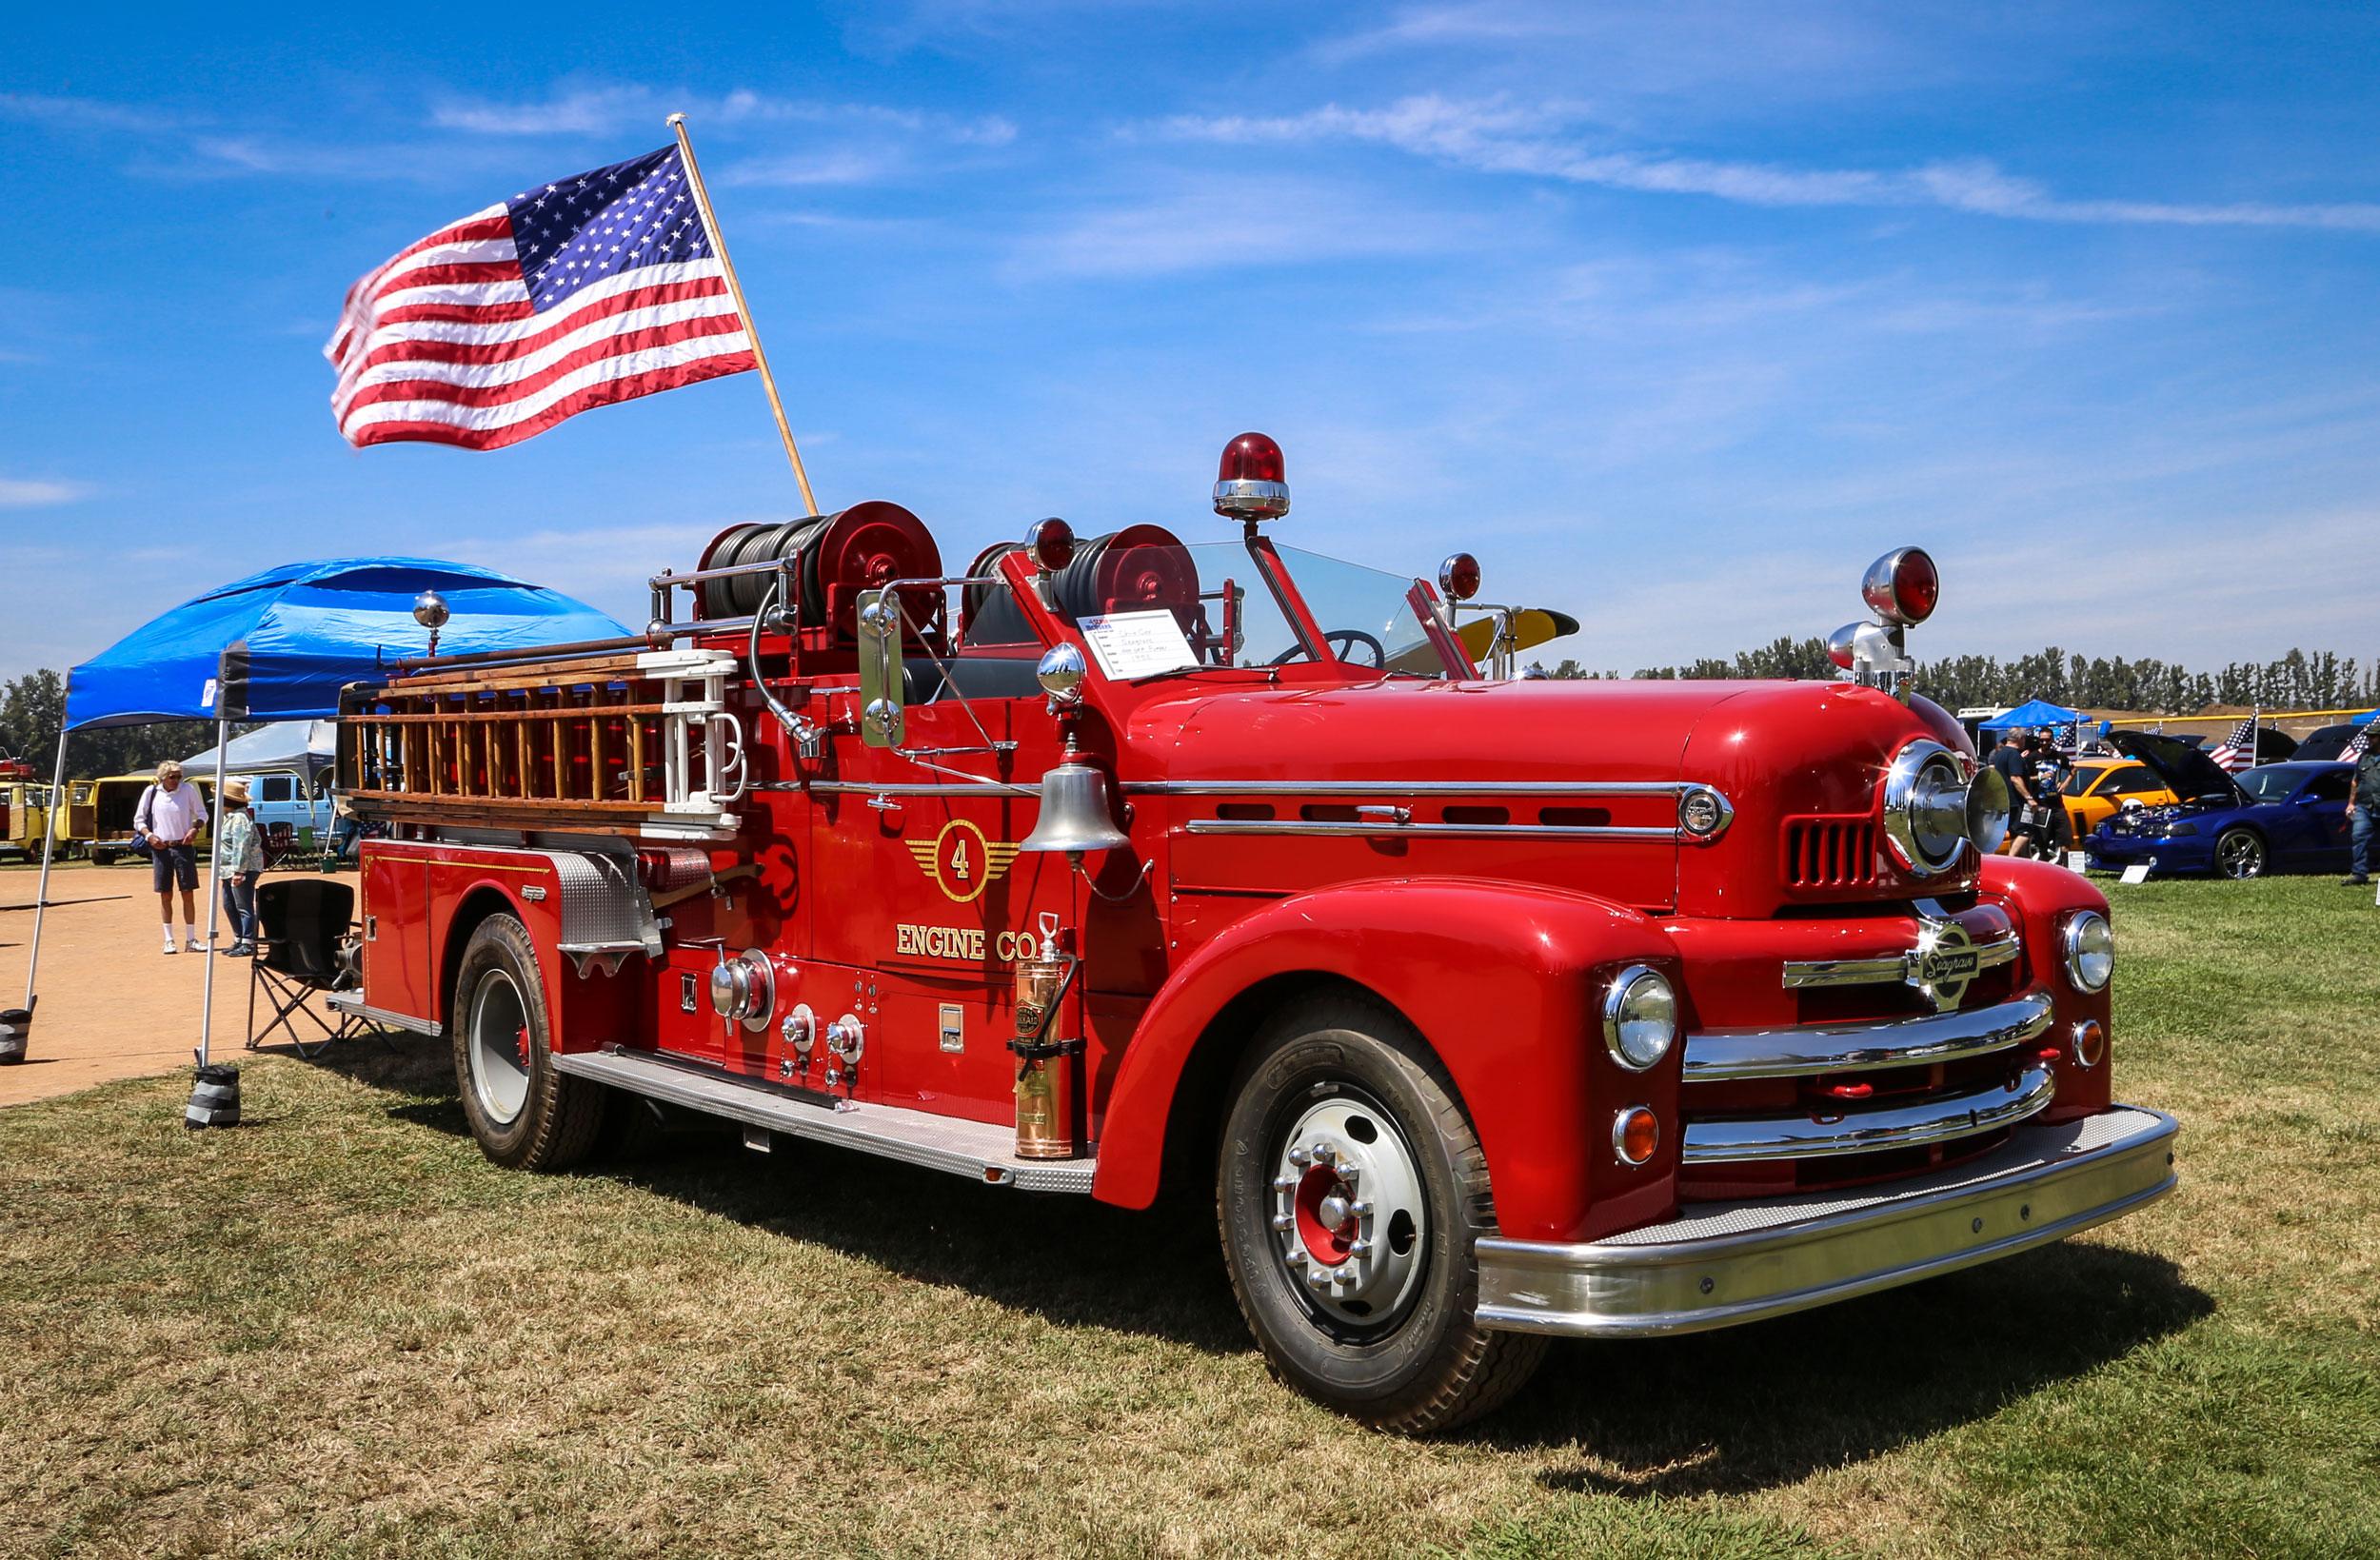 Motor-fire-truck-flag.jpg